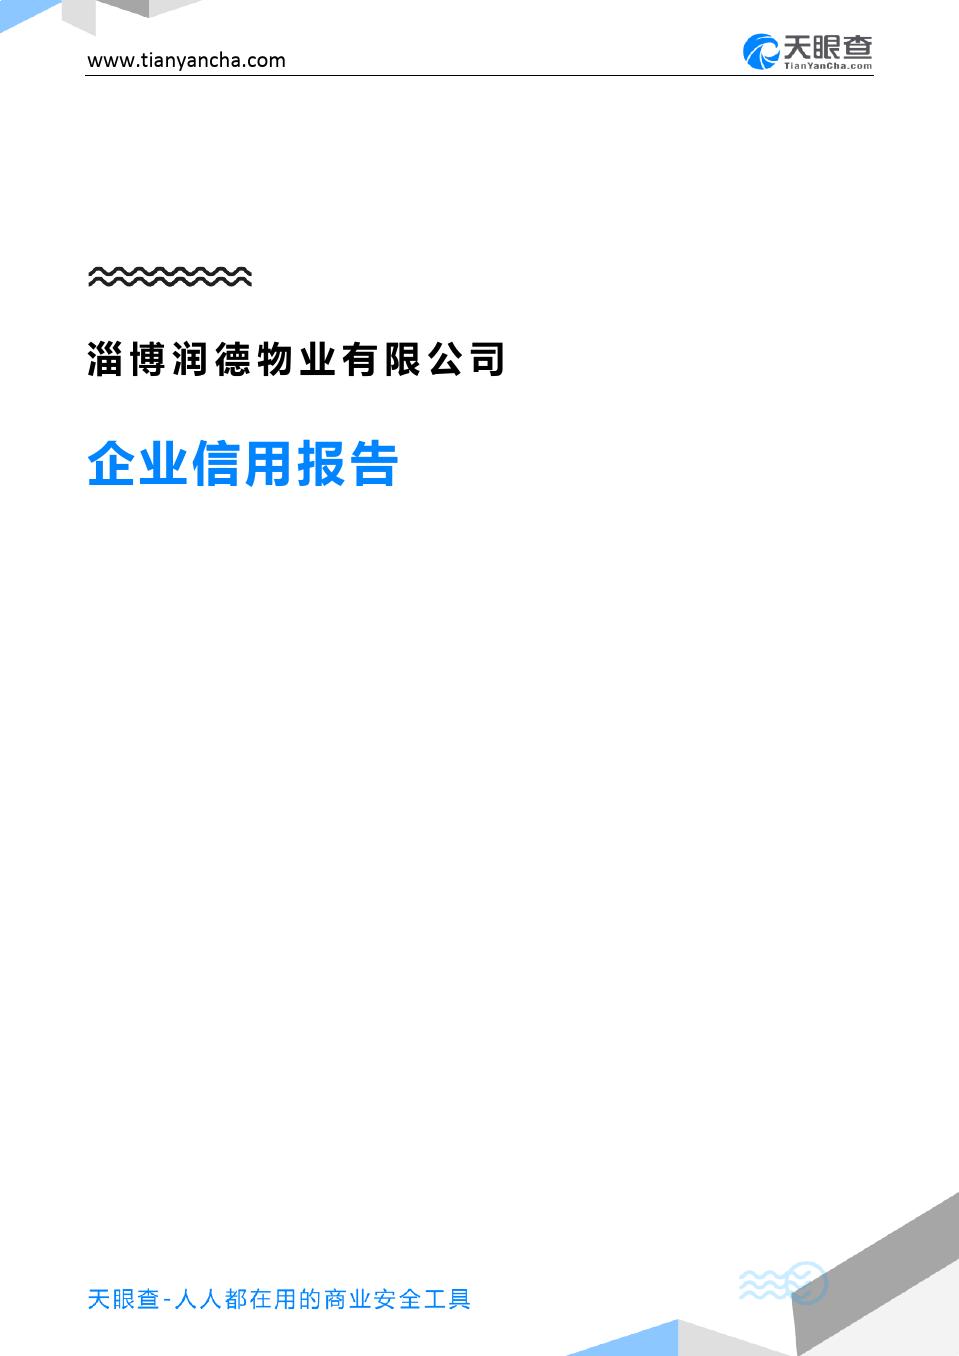 淄博润德物业有限公司企业信用报告-天眼查